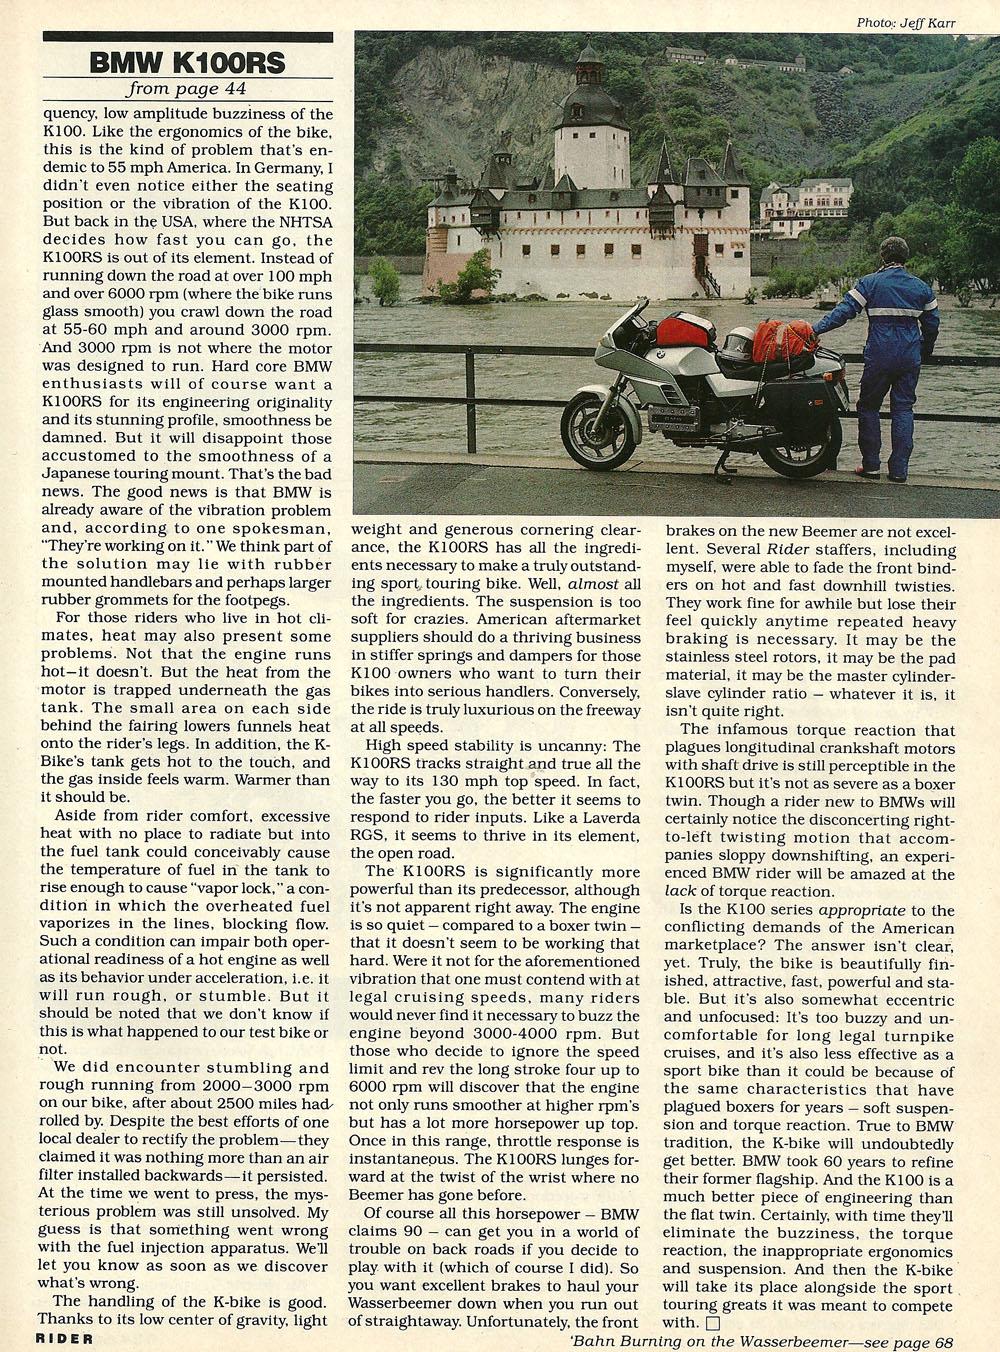 1984 BMW K100RS rider test 04.jpg